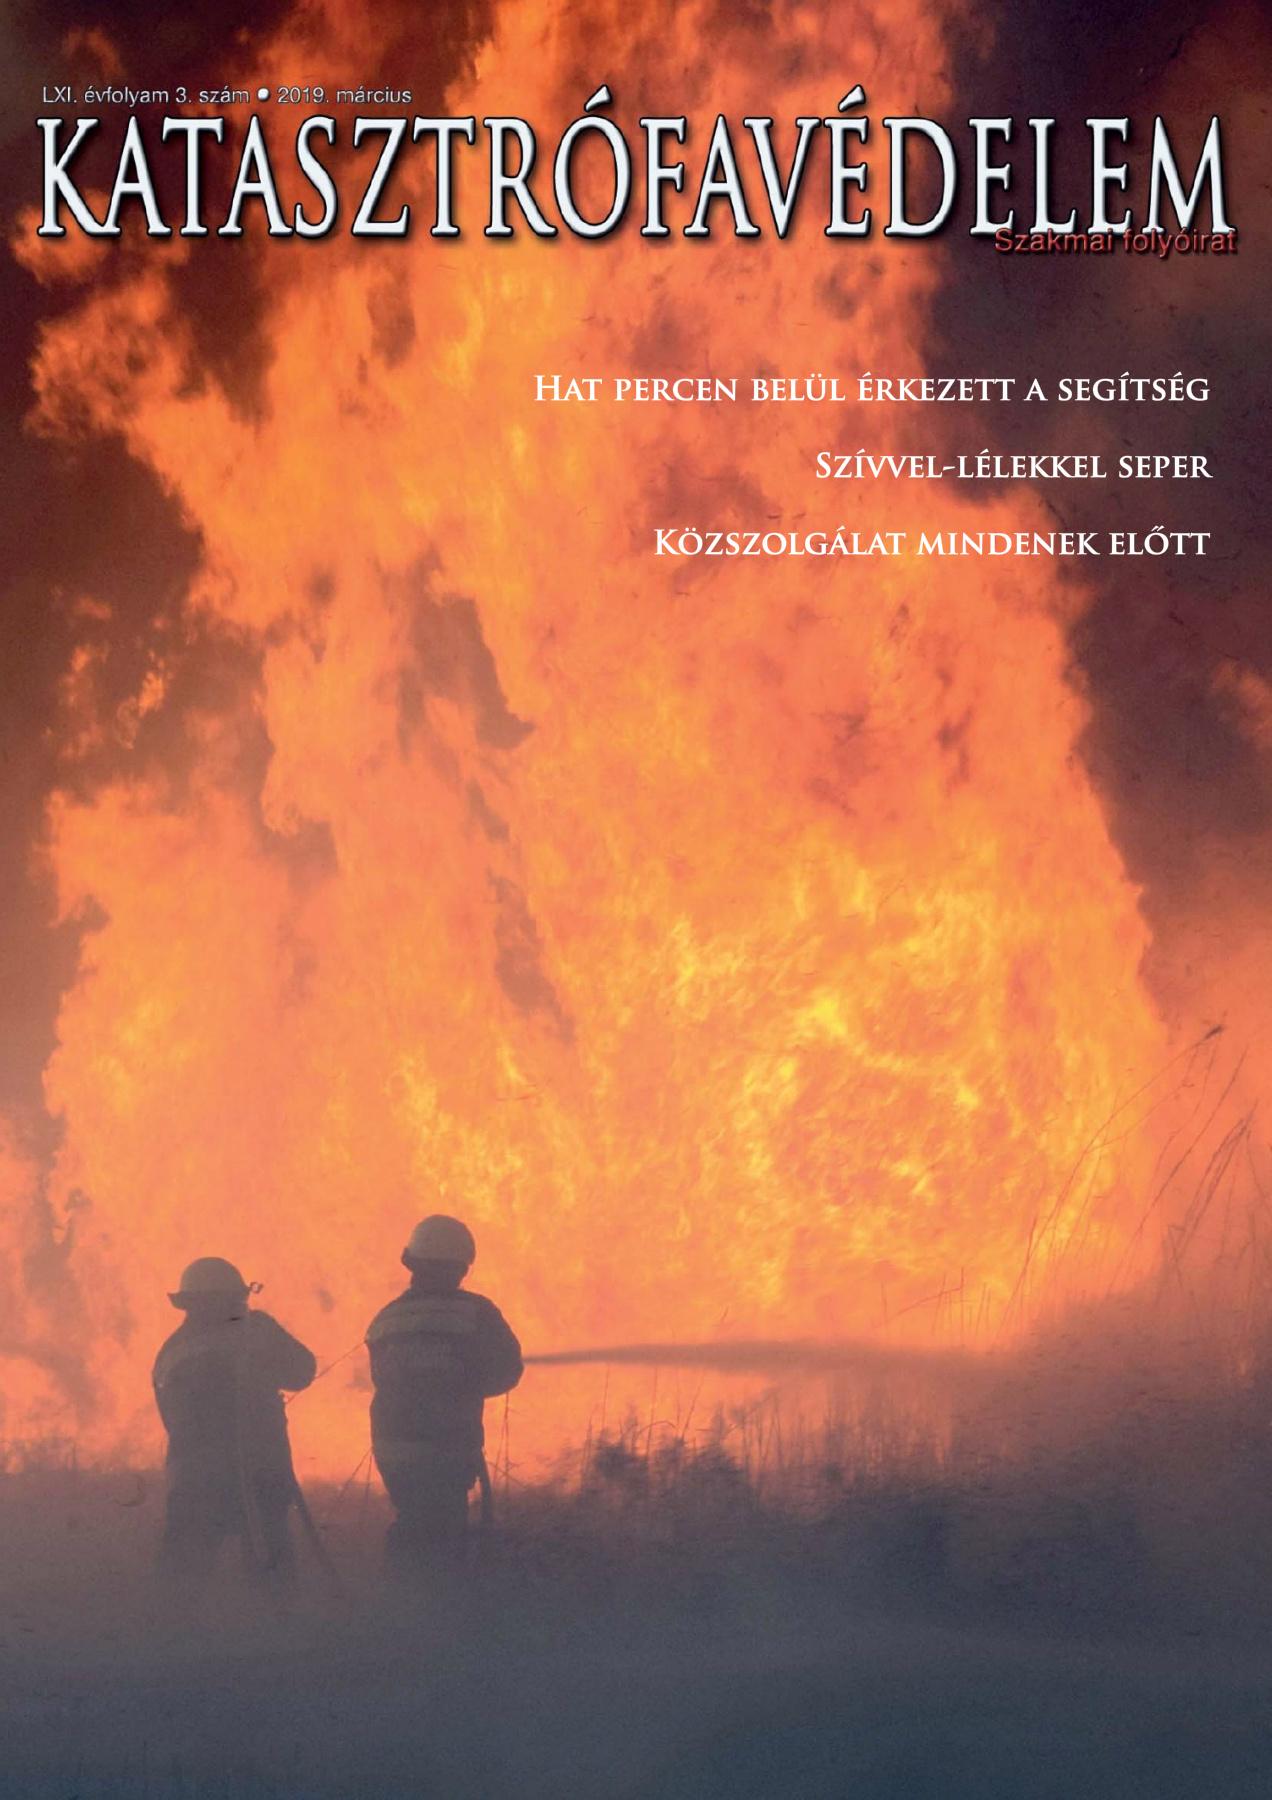 A Katasztrófavédelem magazin LXI. évfolyam 3. szám megtekintése